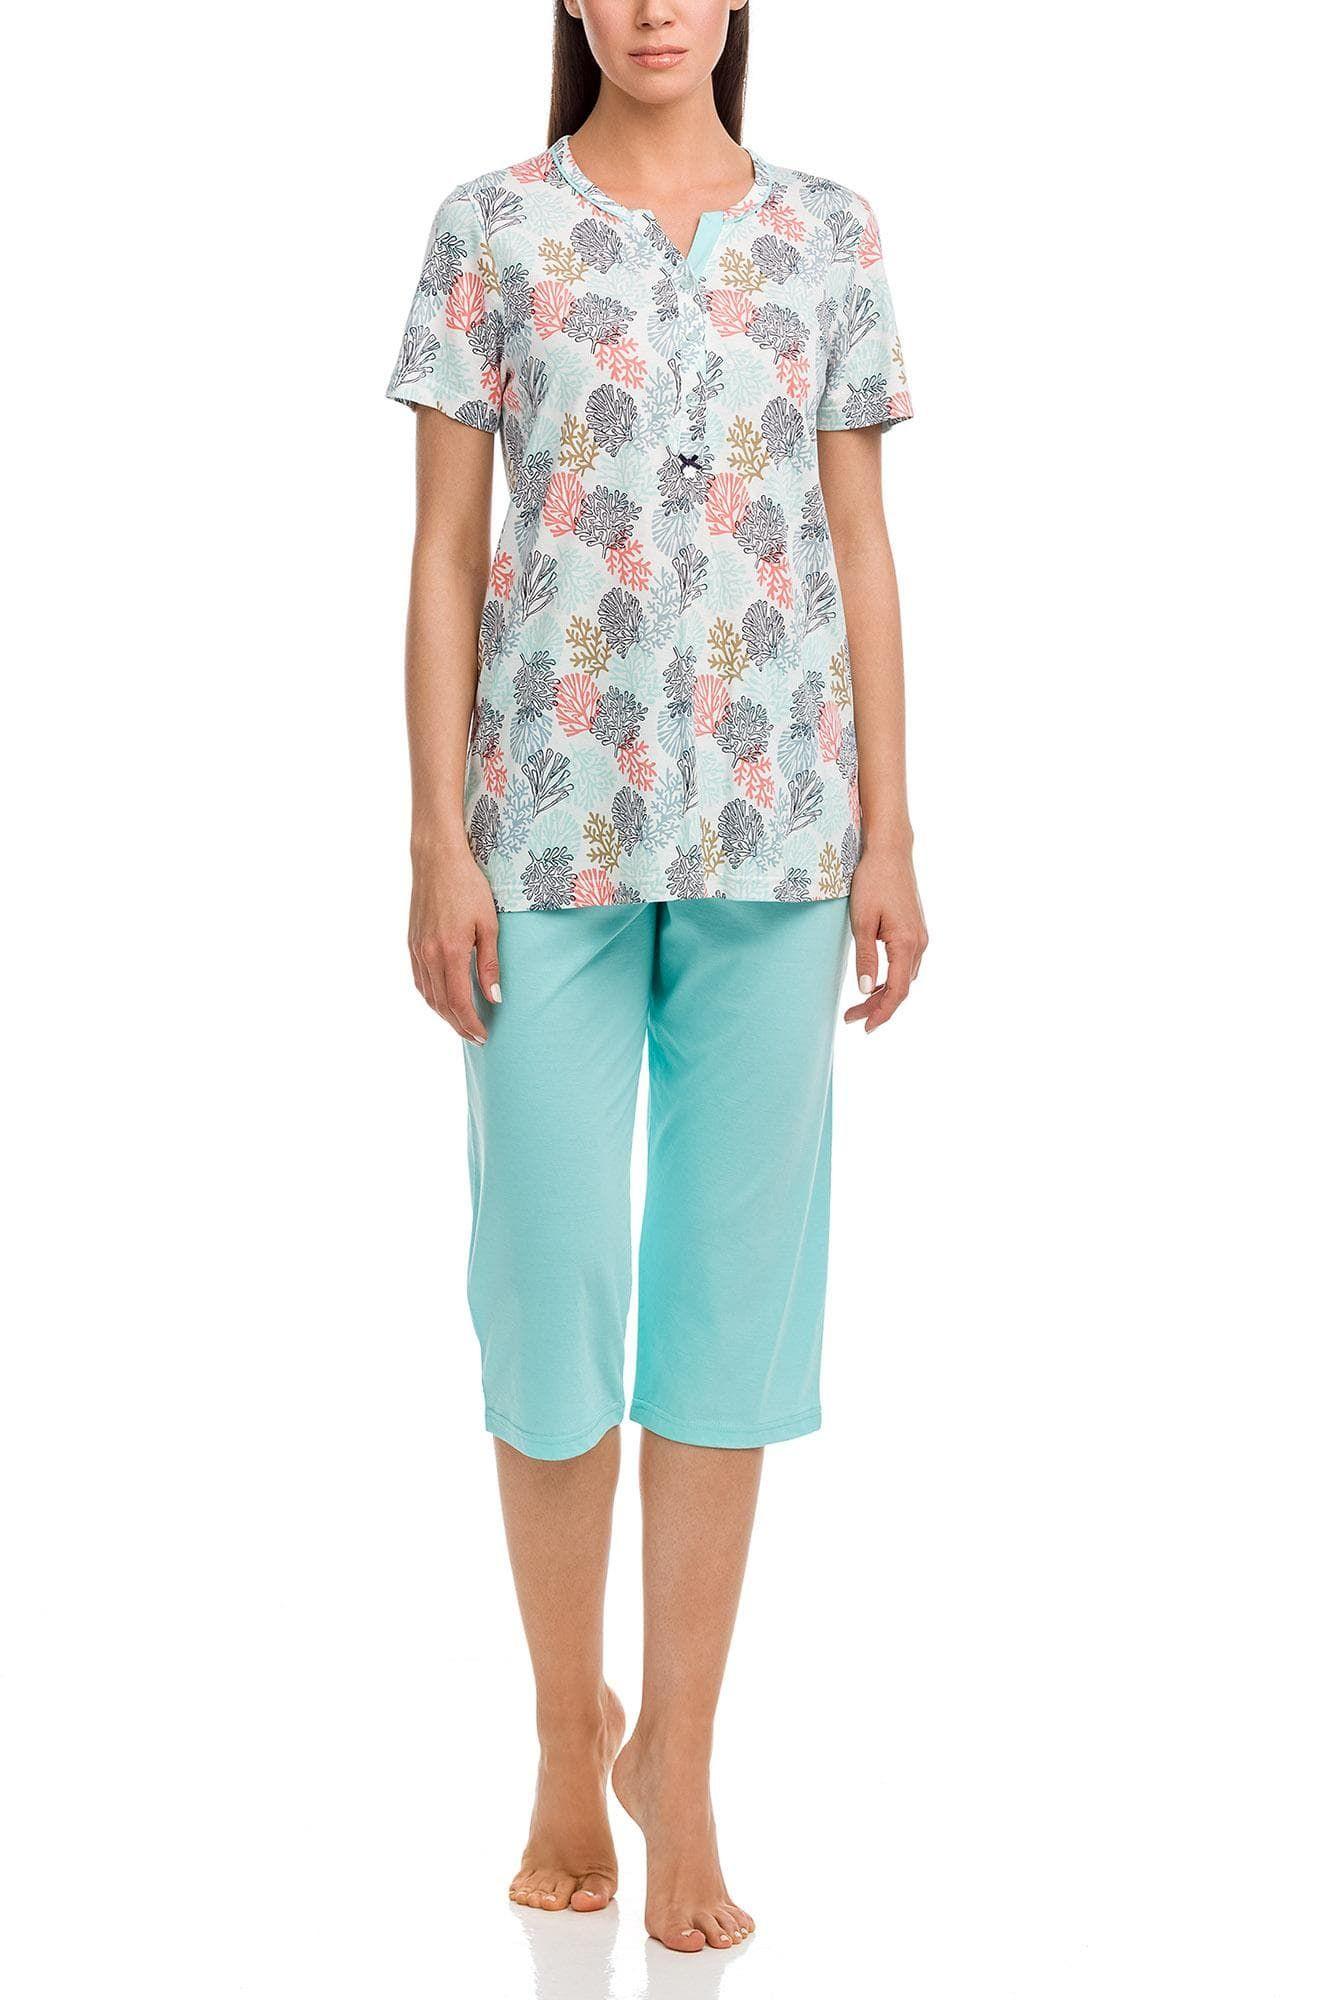 Women's Maternity Pyjamas